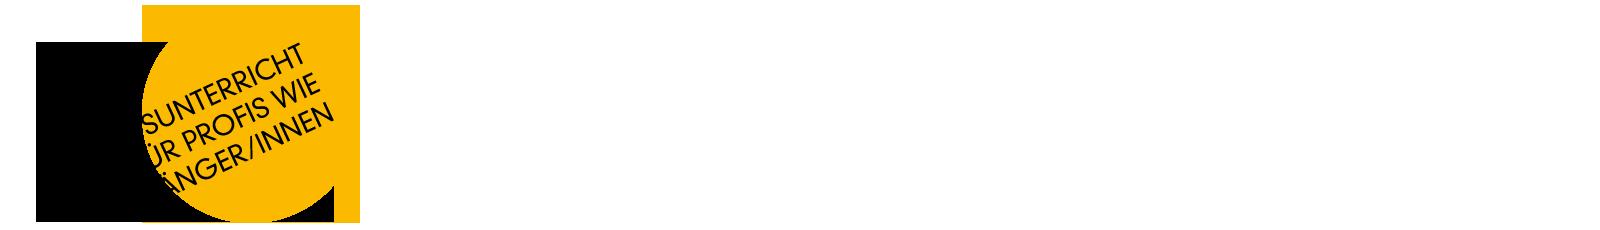 antje-behrens-slider-gelb